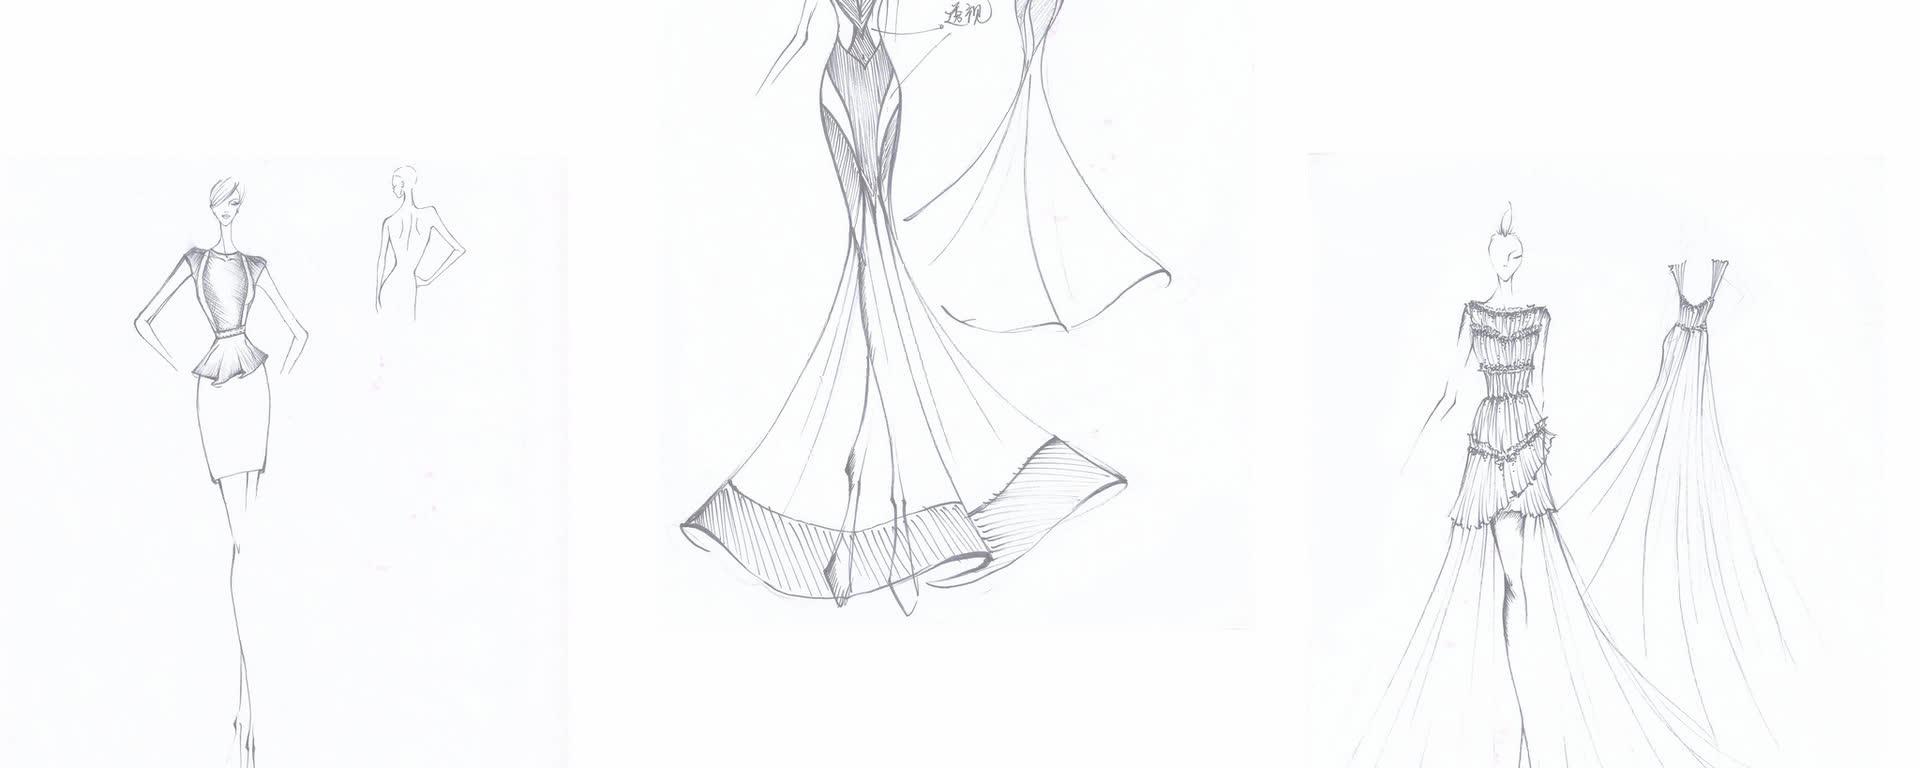 服装设计师画面_服装设计师画面分享展示